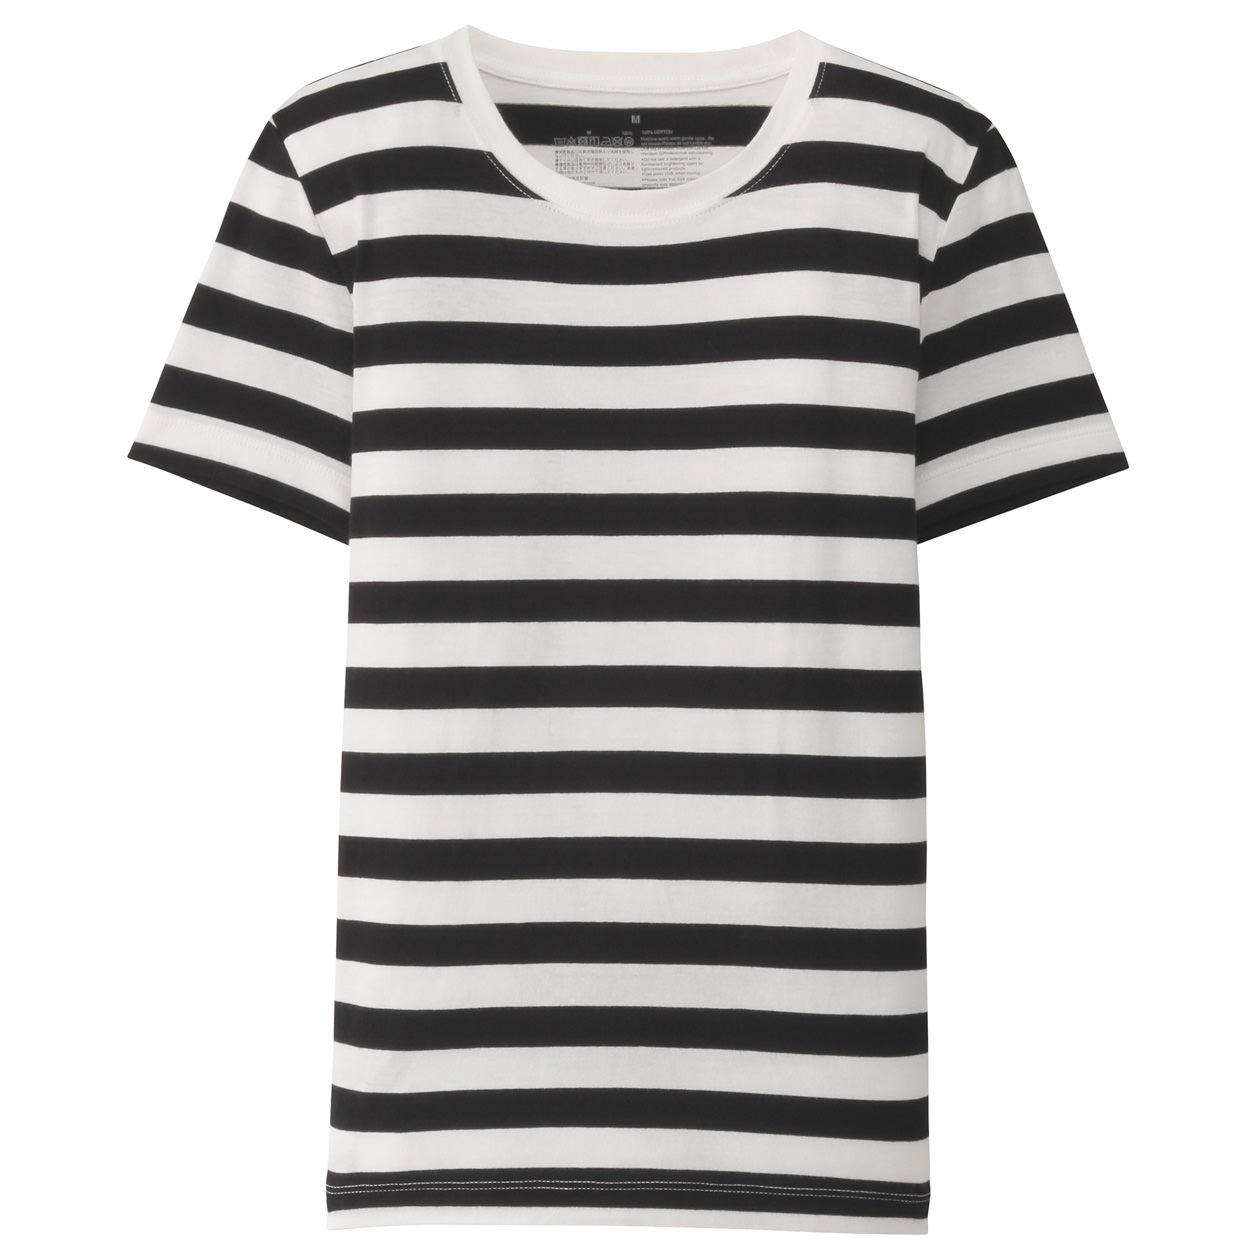 オーガニックコットンクルーネック半袖Tシャツ(ボーダー)